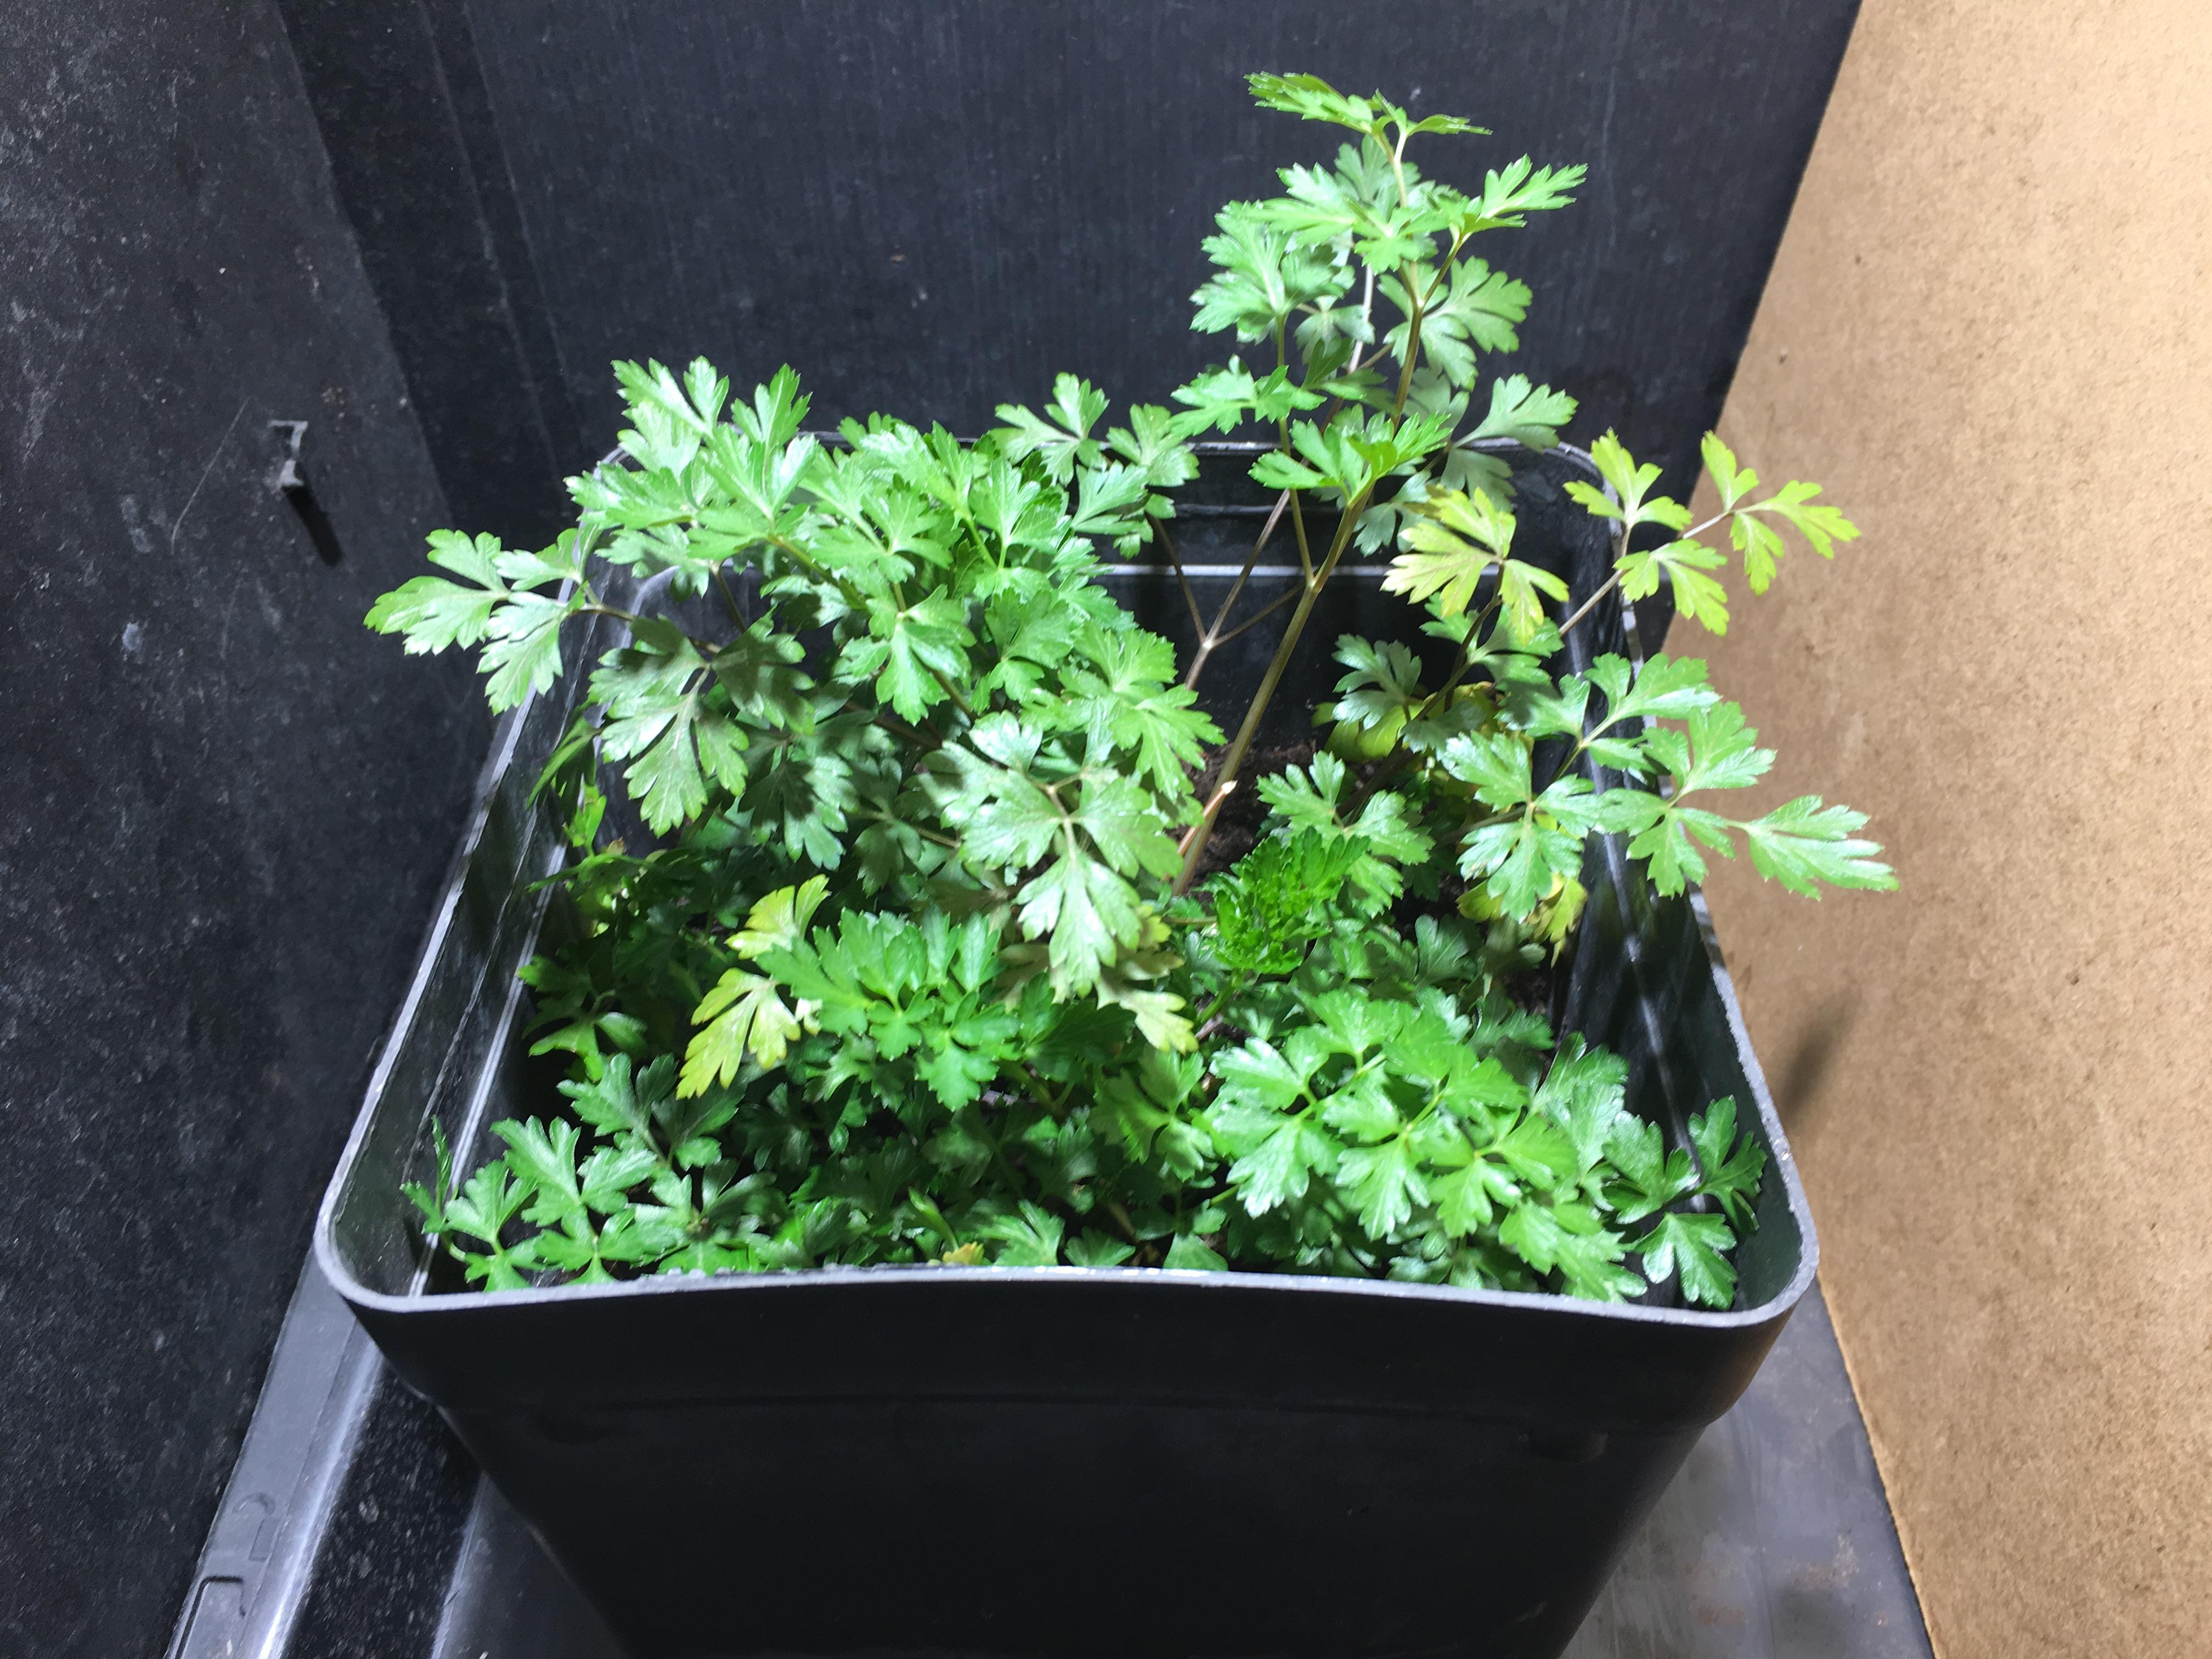 Entretenir Un Pied De Basilic les plantes aromatiques et les led version 2 - led horticoles